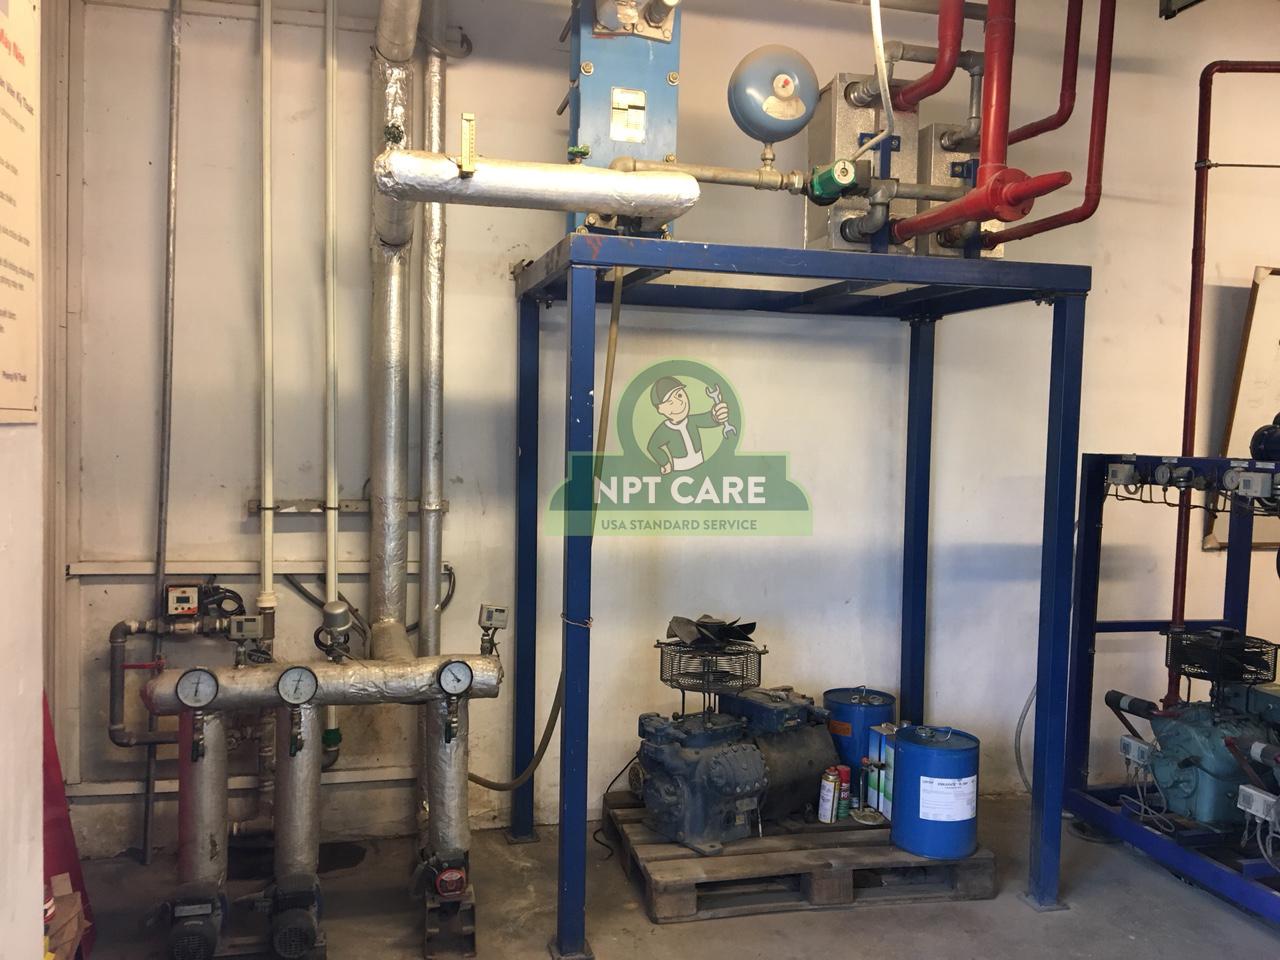 Khảo sát và lên phương án bảo trì hệ thống lạnh công nghiệp MM MEGA MARKET tại Hà Nội 7